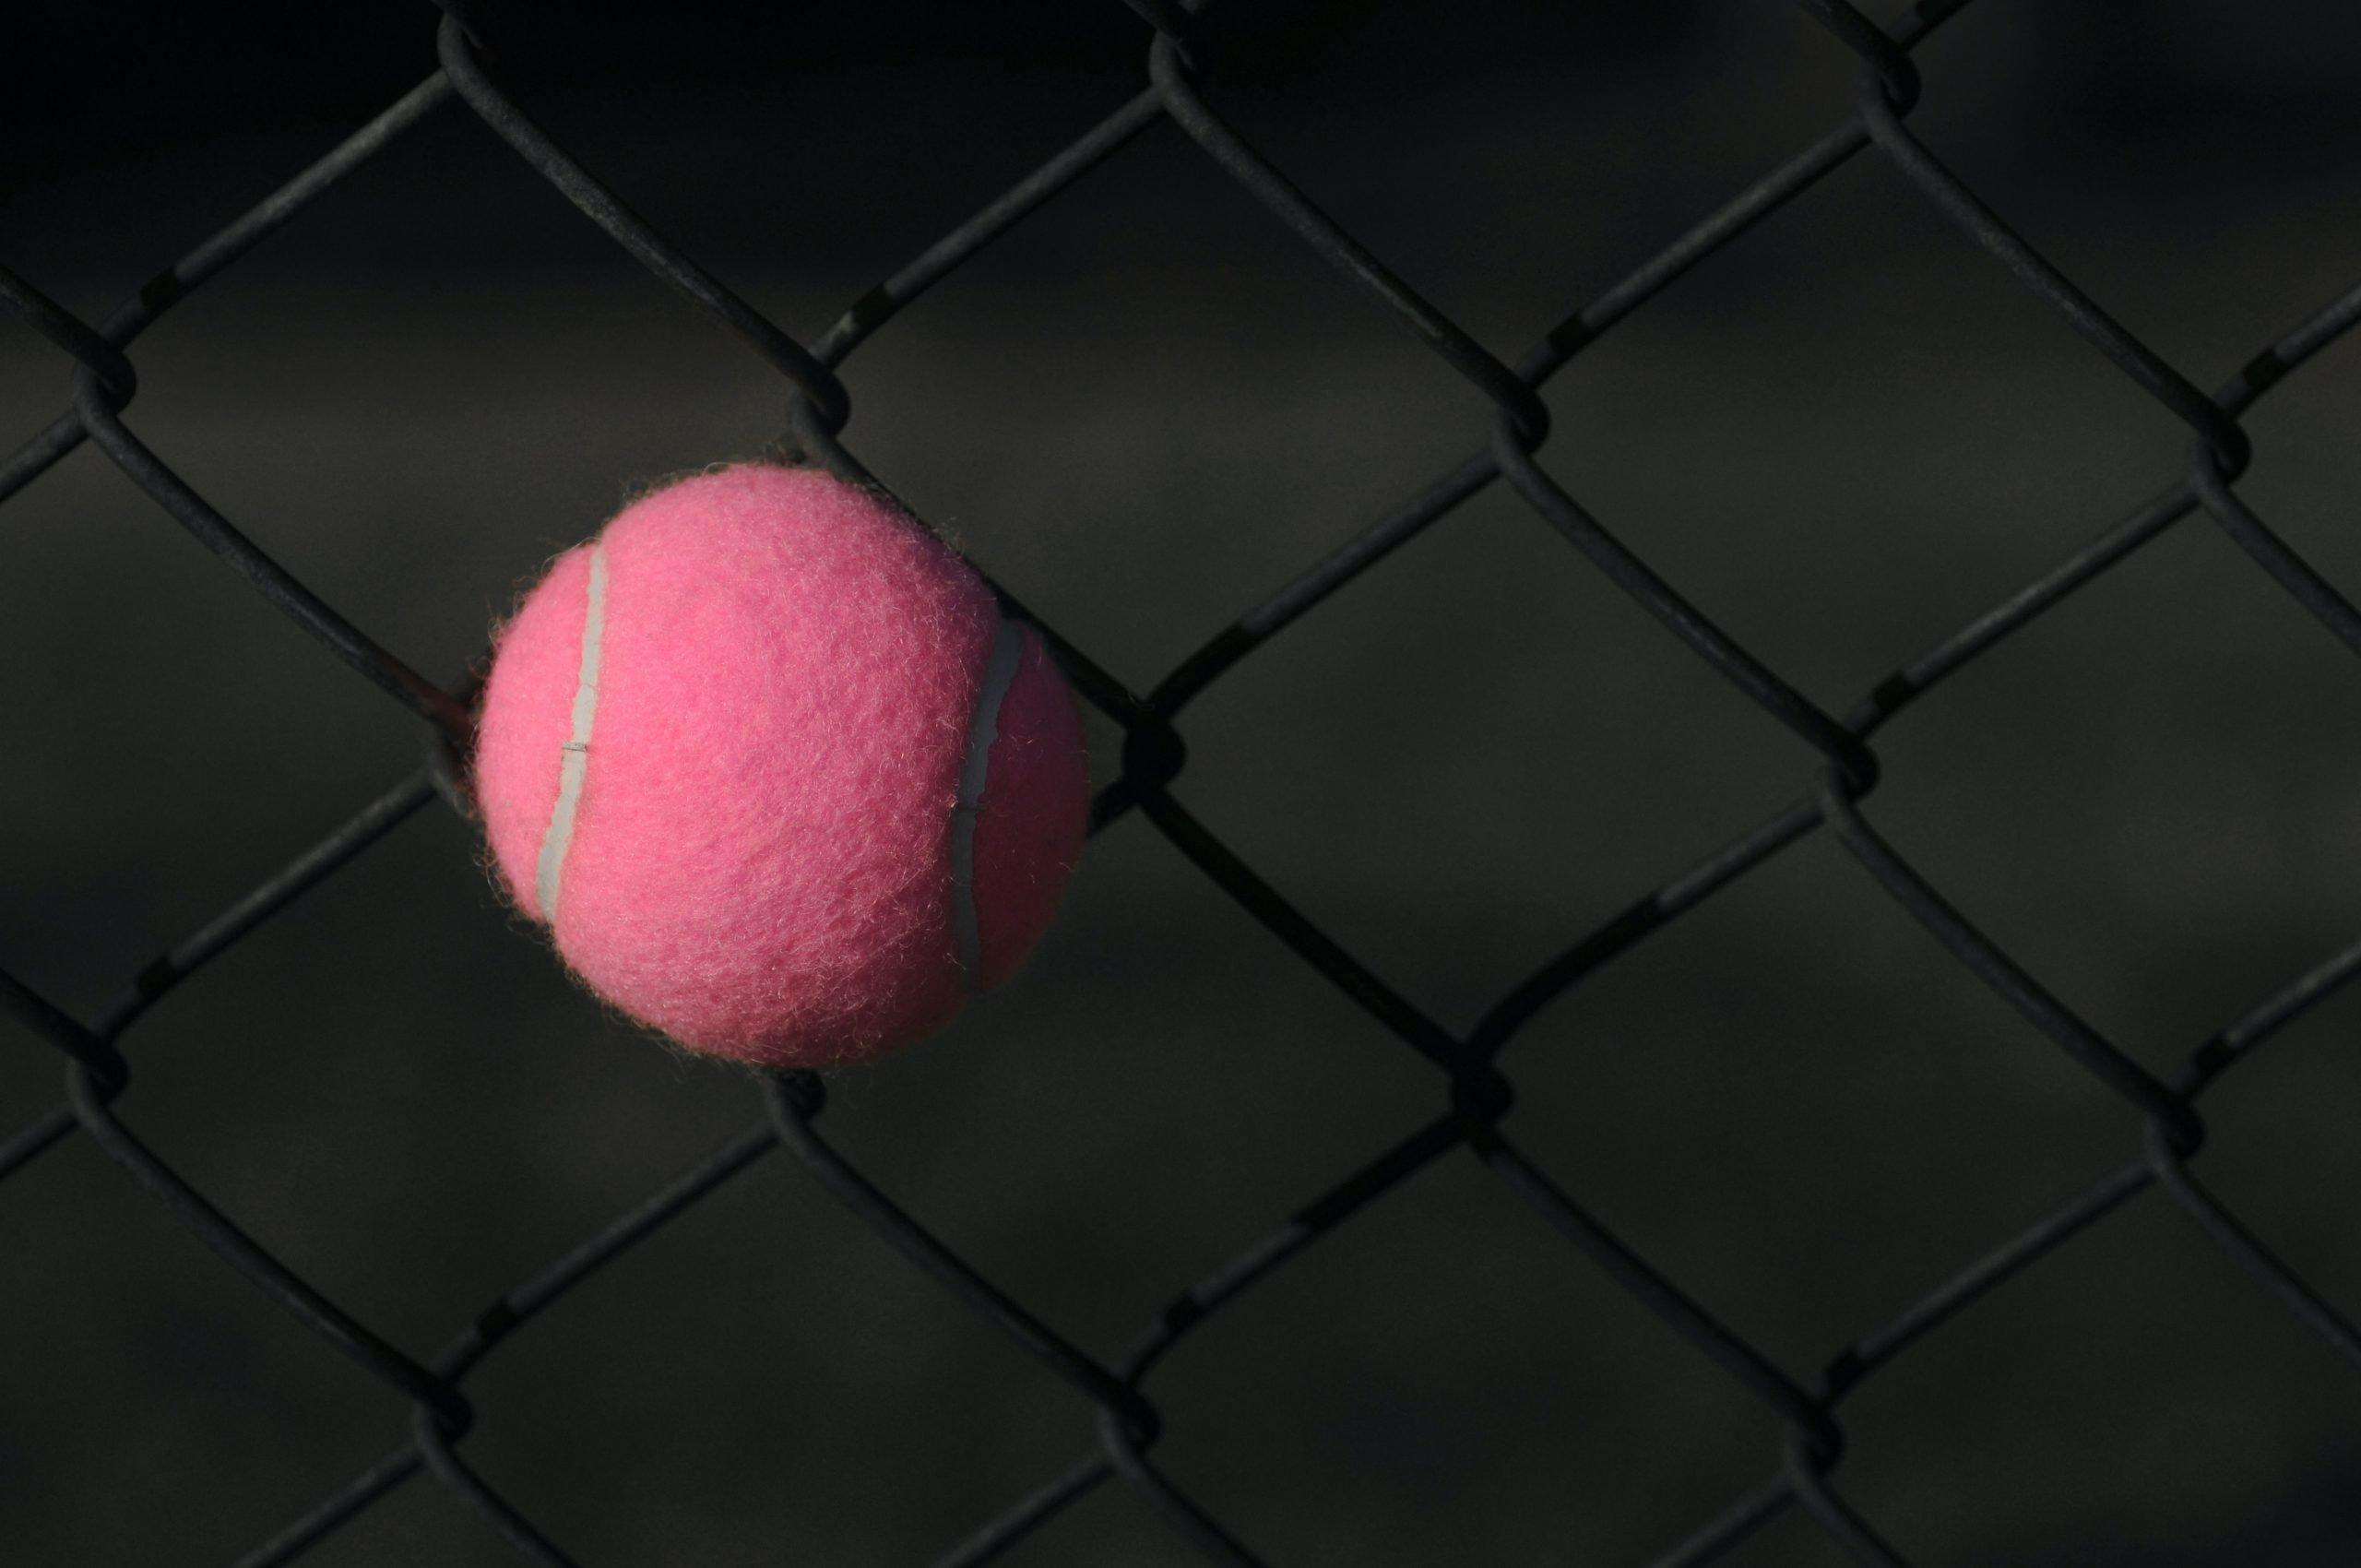 Pink tennisball in a net